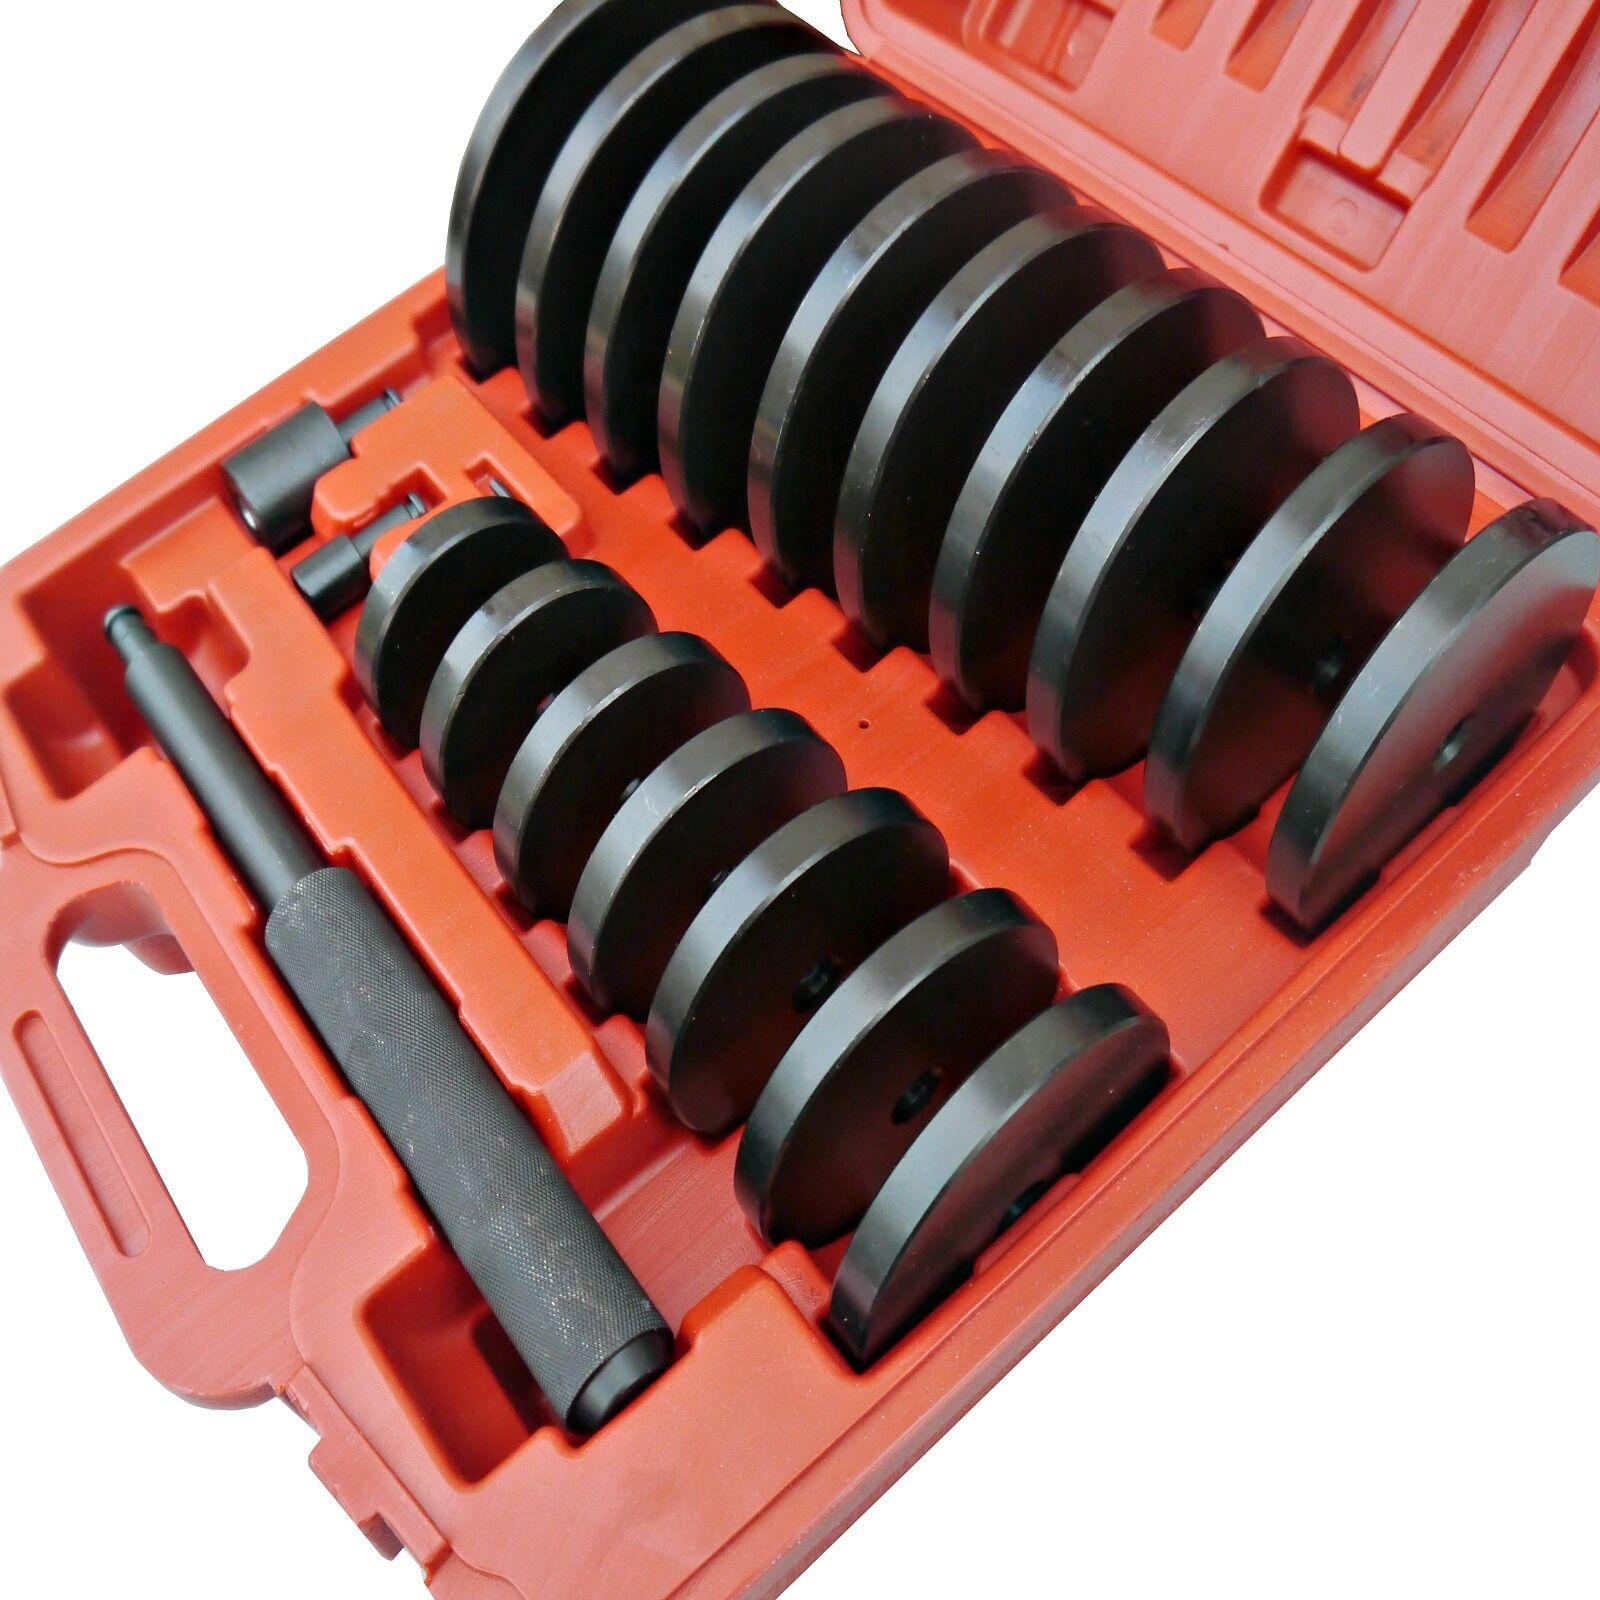 21 pz disco installazione set cuscinetti guarnizione guida for Costruire pressa idraulica